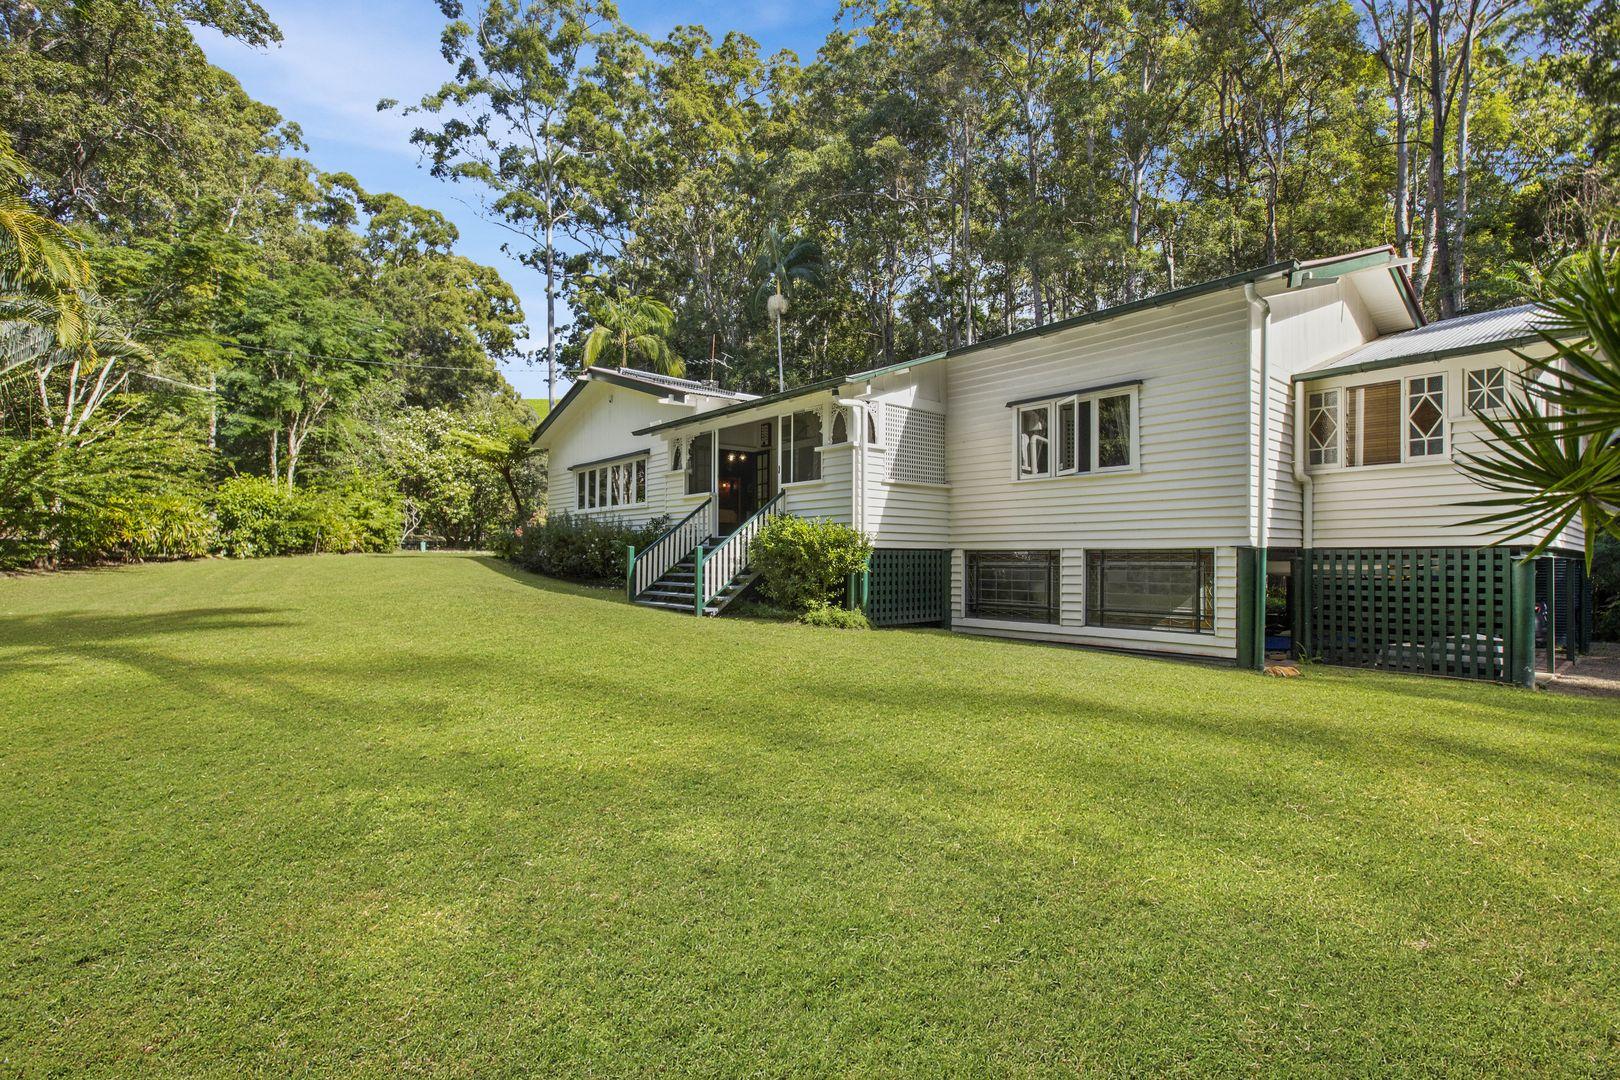 47 De Zen Road, Palmview QLD 4553 - House for Sale ... Zen House Plans For Sale on zen curtains, zen bedroom ideas, zen interior design, zen bathroom, zen landscaping, zen house plans,